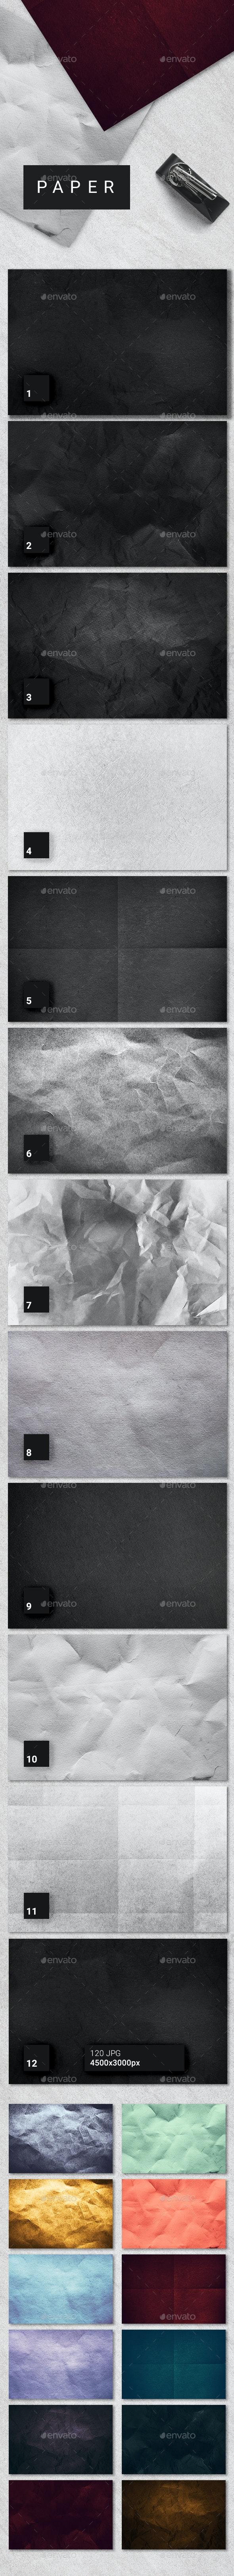 120 Paper Textures - Paper Textures